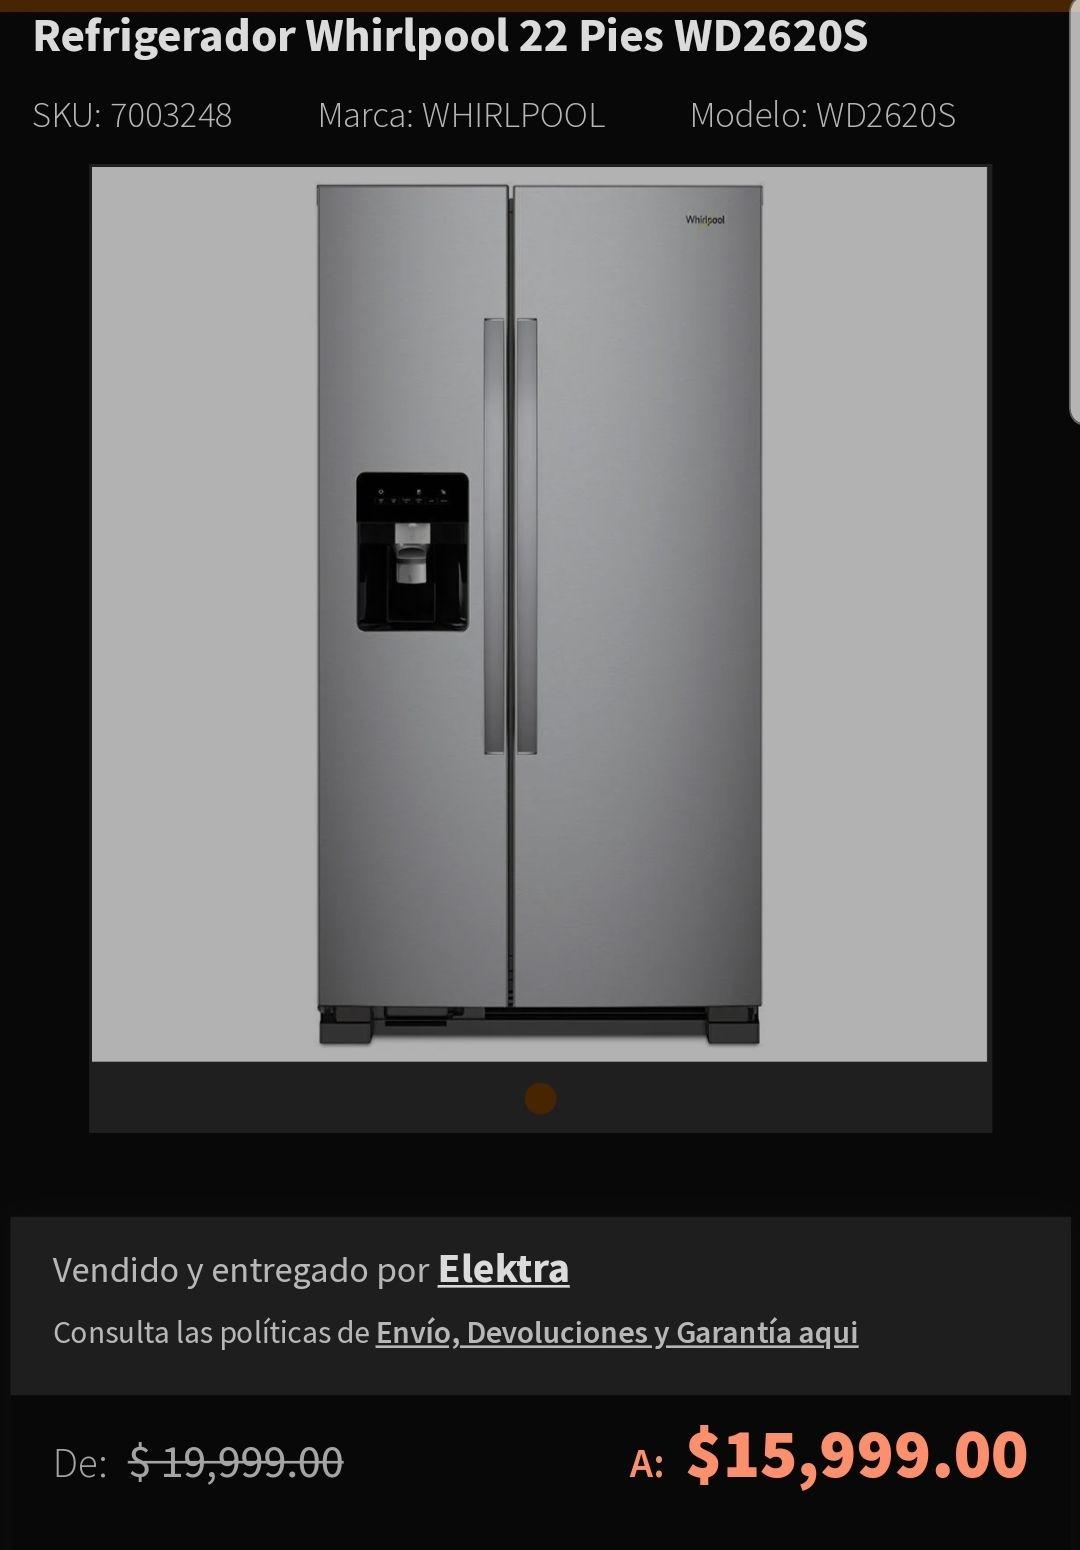 Elektra, refrigerador whirlpool 22 pies